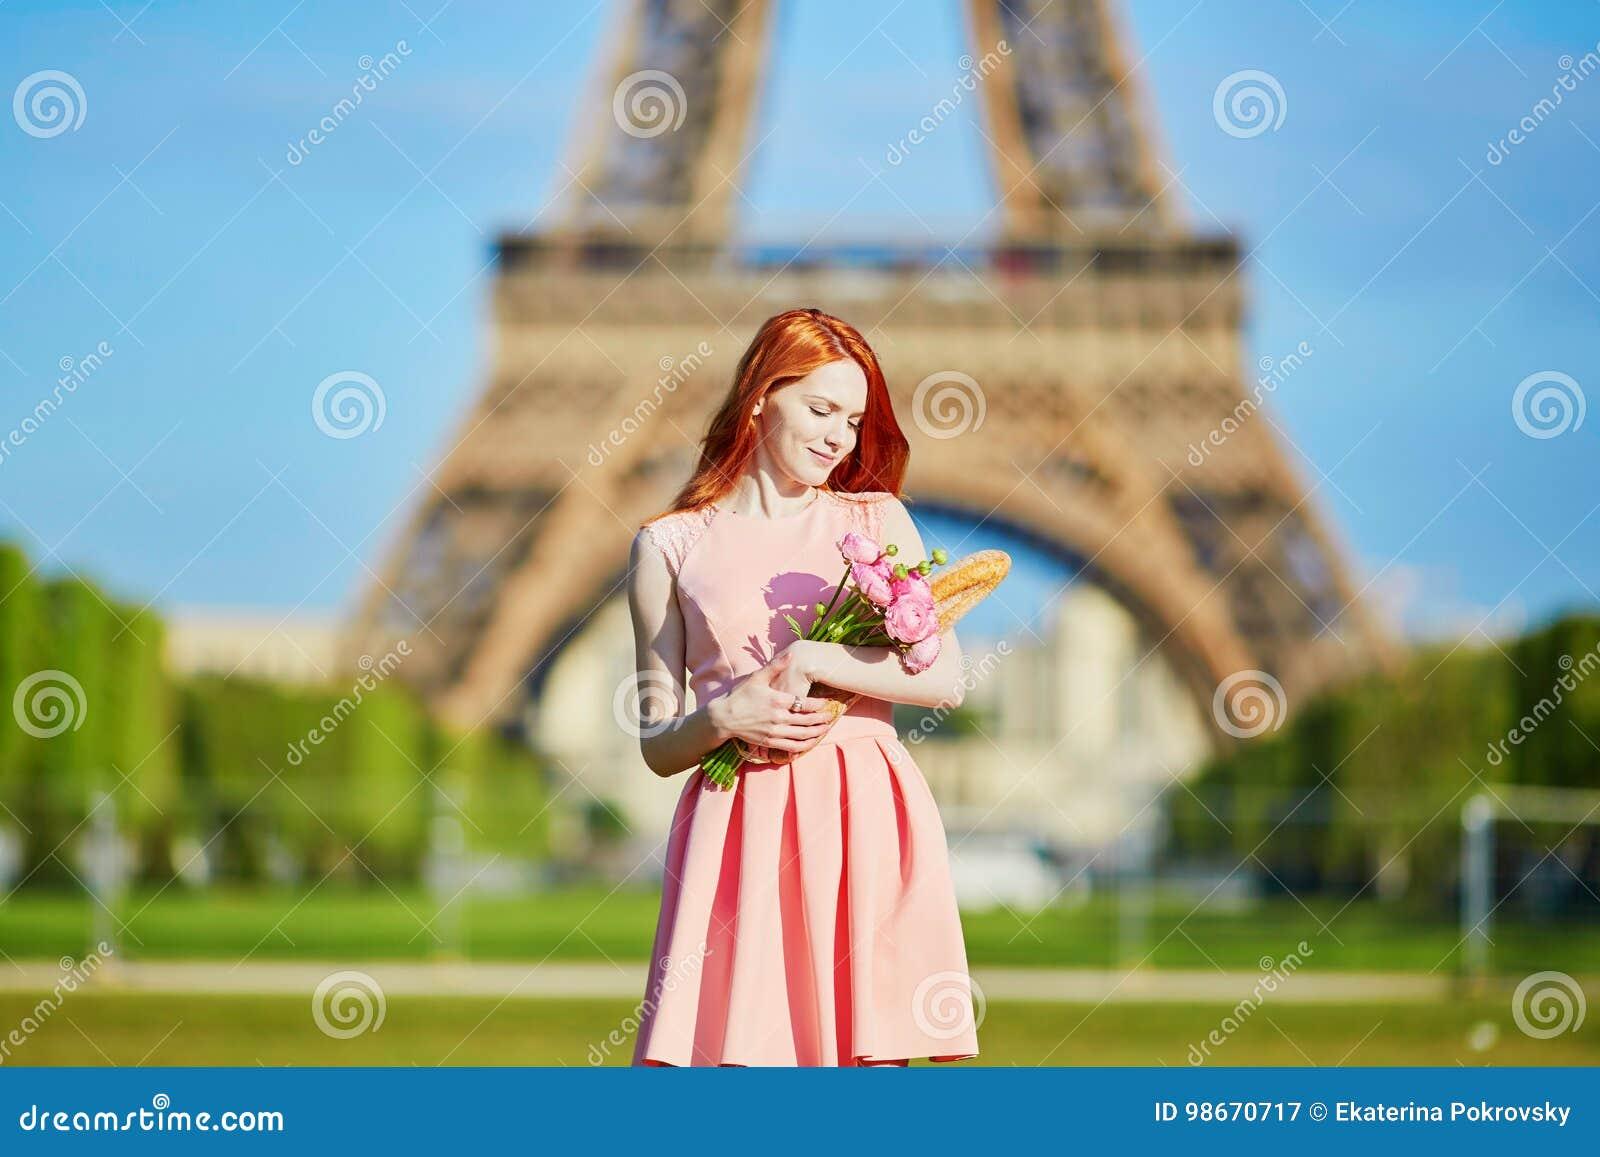 Κορίτσι με το παραδοσιακό γαλλικό baguette ψωμιού και λουλούδια μπροστά από τον πύργο του Άιφελ